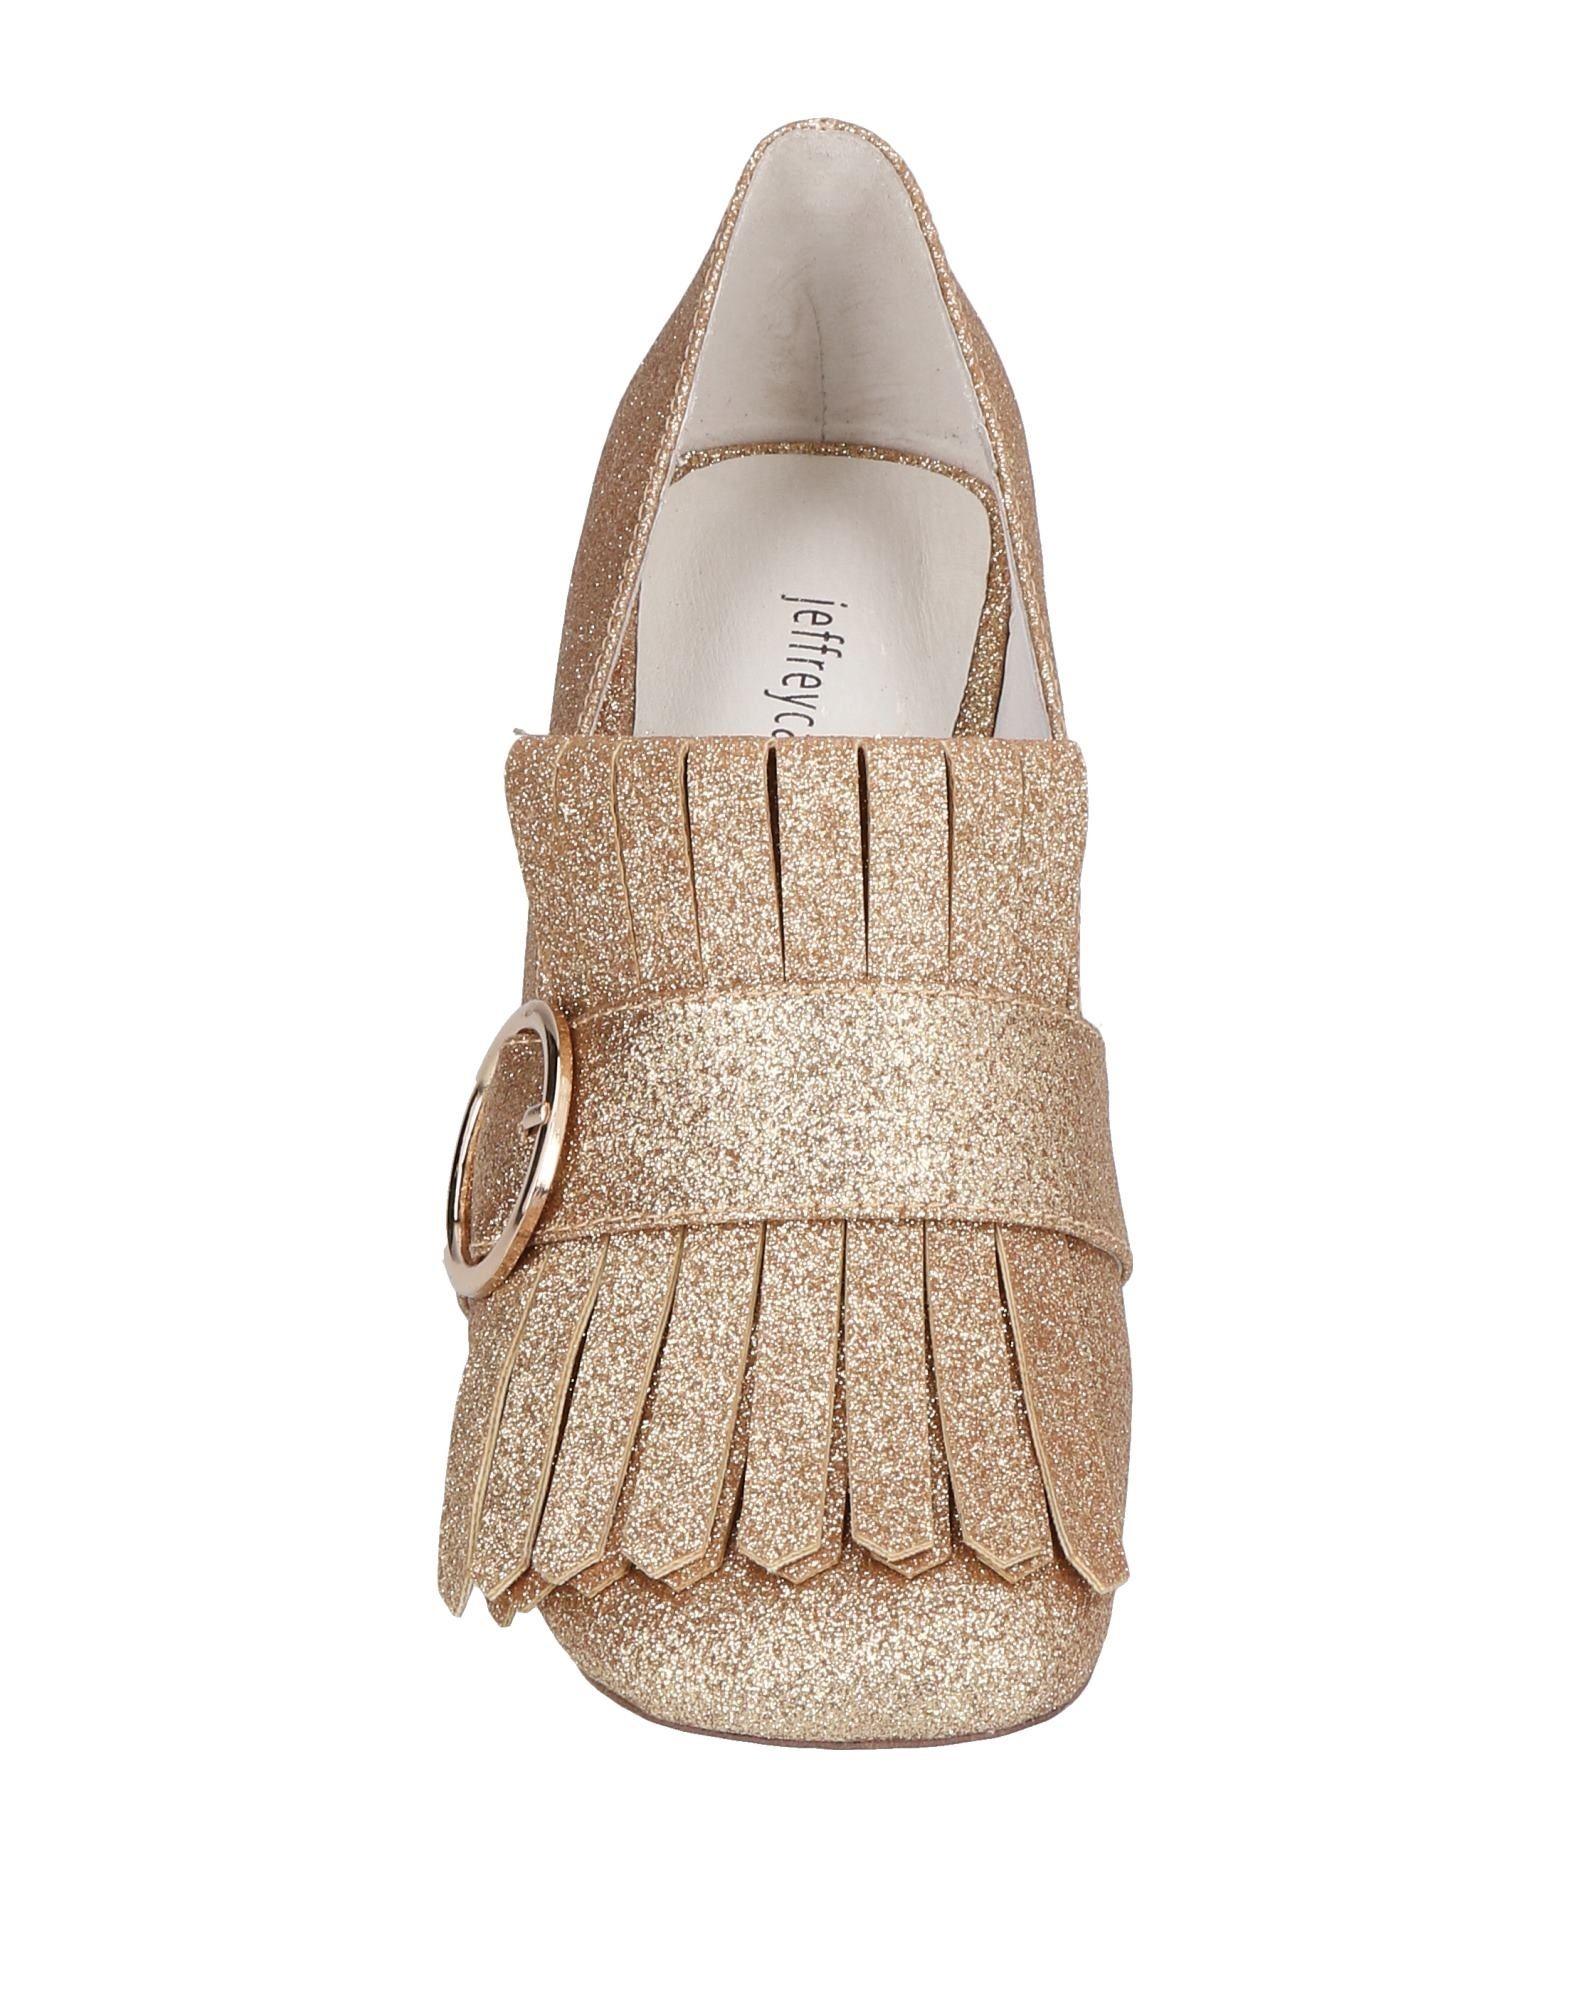 Jeffrey Campbell Mokassins Damen Damen Mokassins  11468564MN Gute Qualität beliebte Schuhe 37c1ca